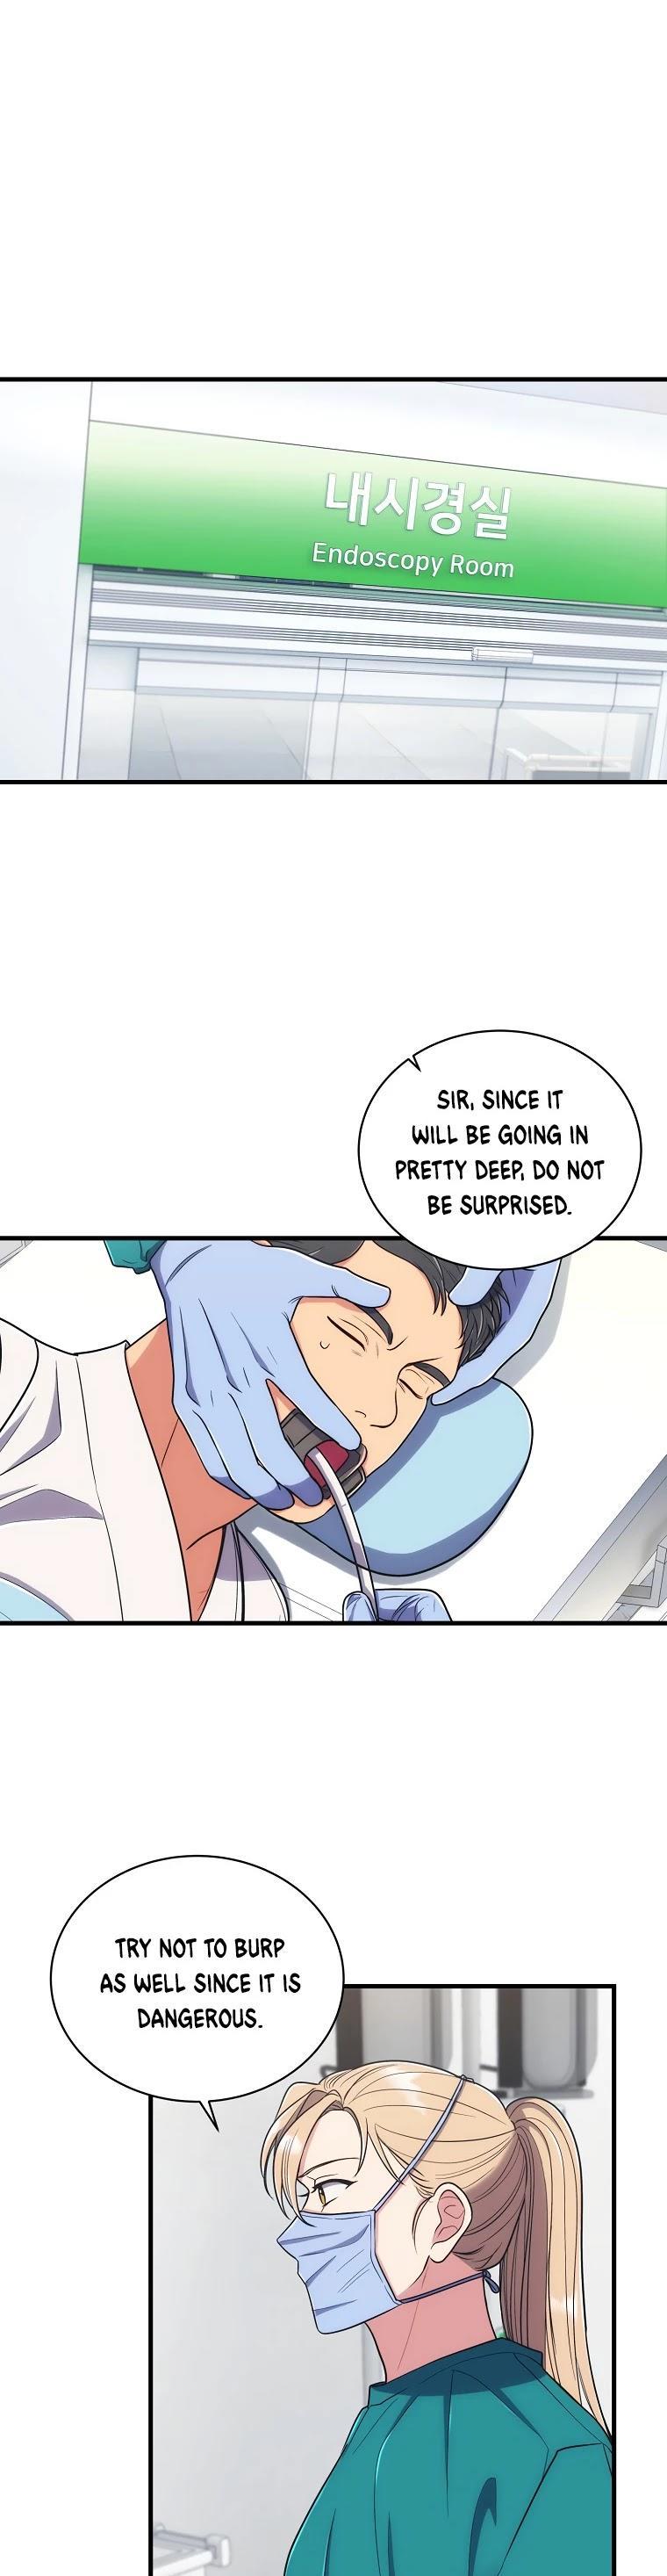 Medical Return Chapter 128 page 7 - Mangakakalot